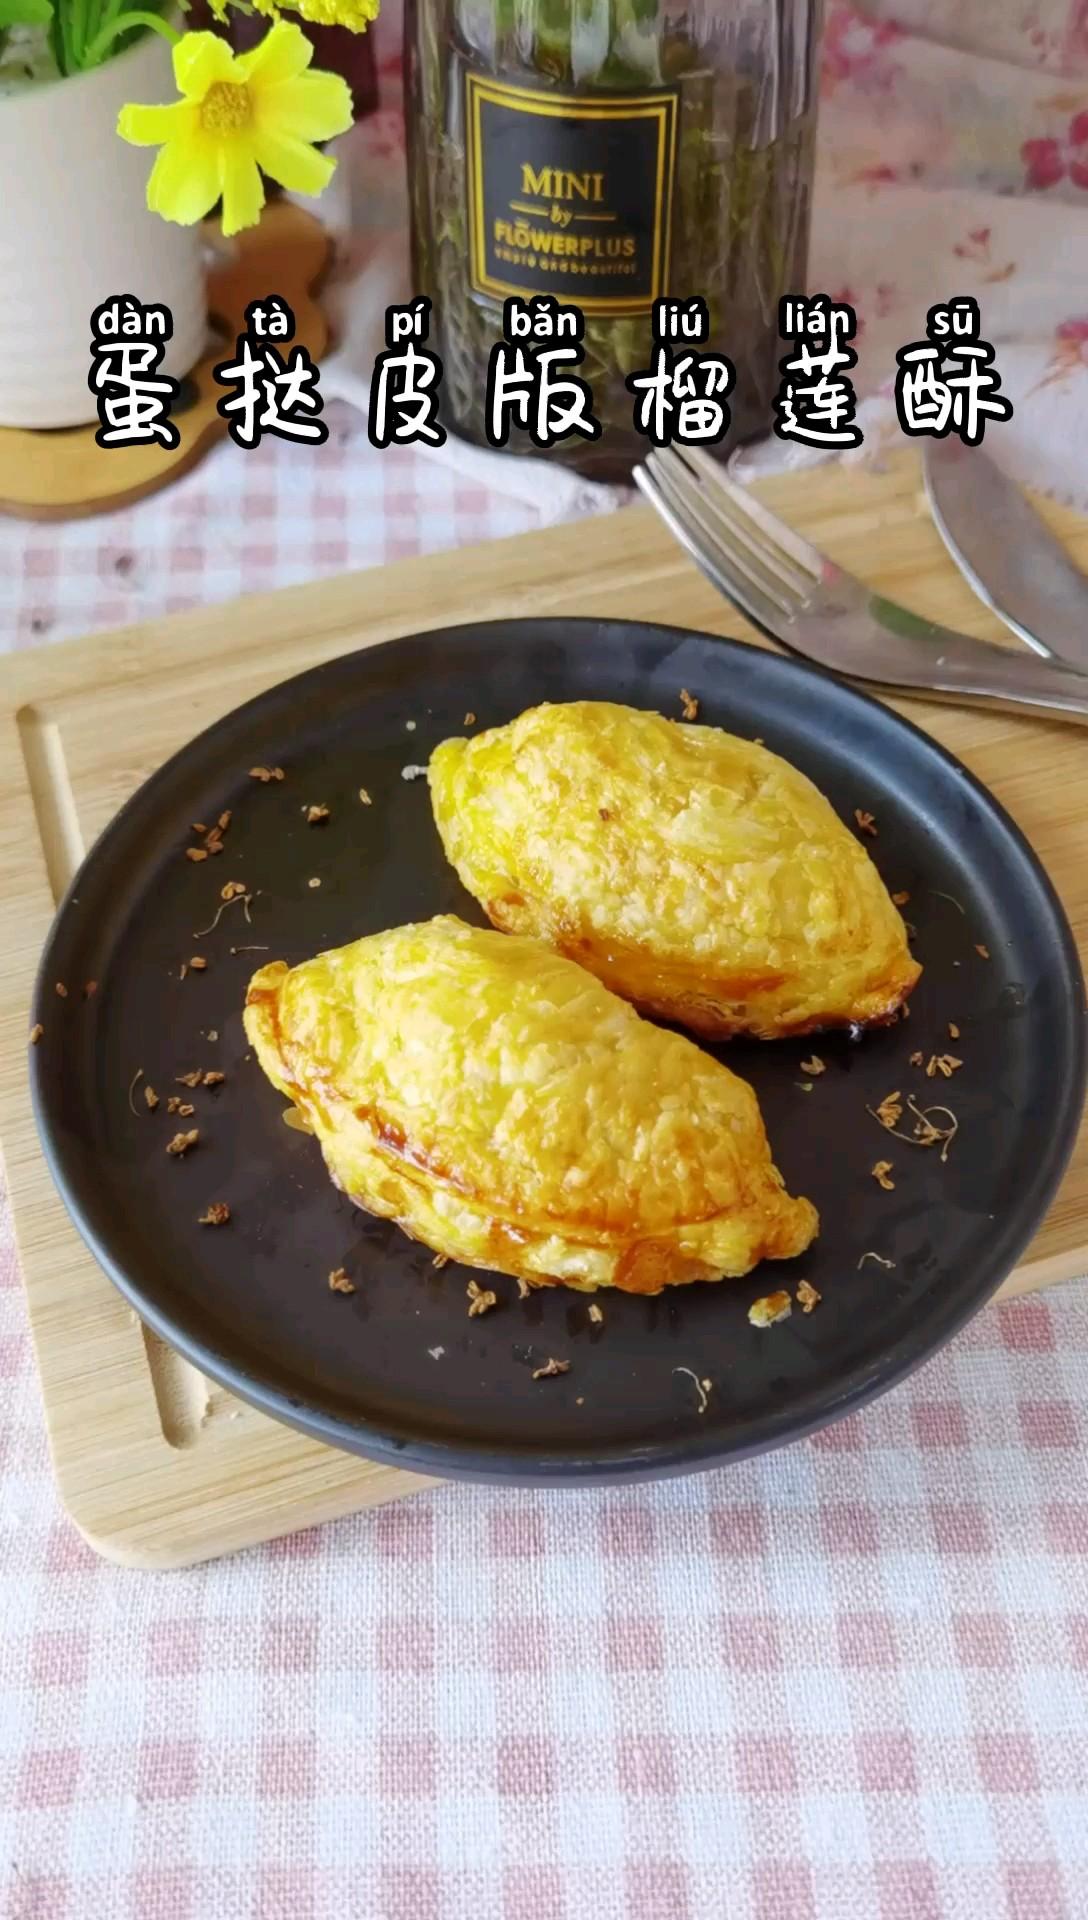 蛋挞皮版榴莲酥